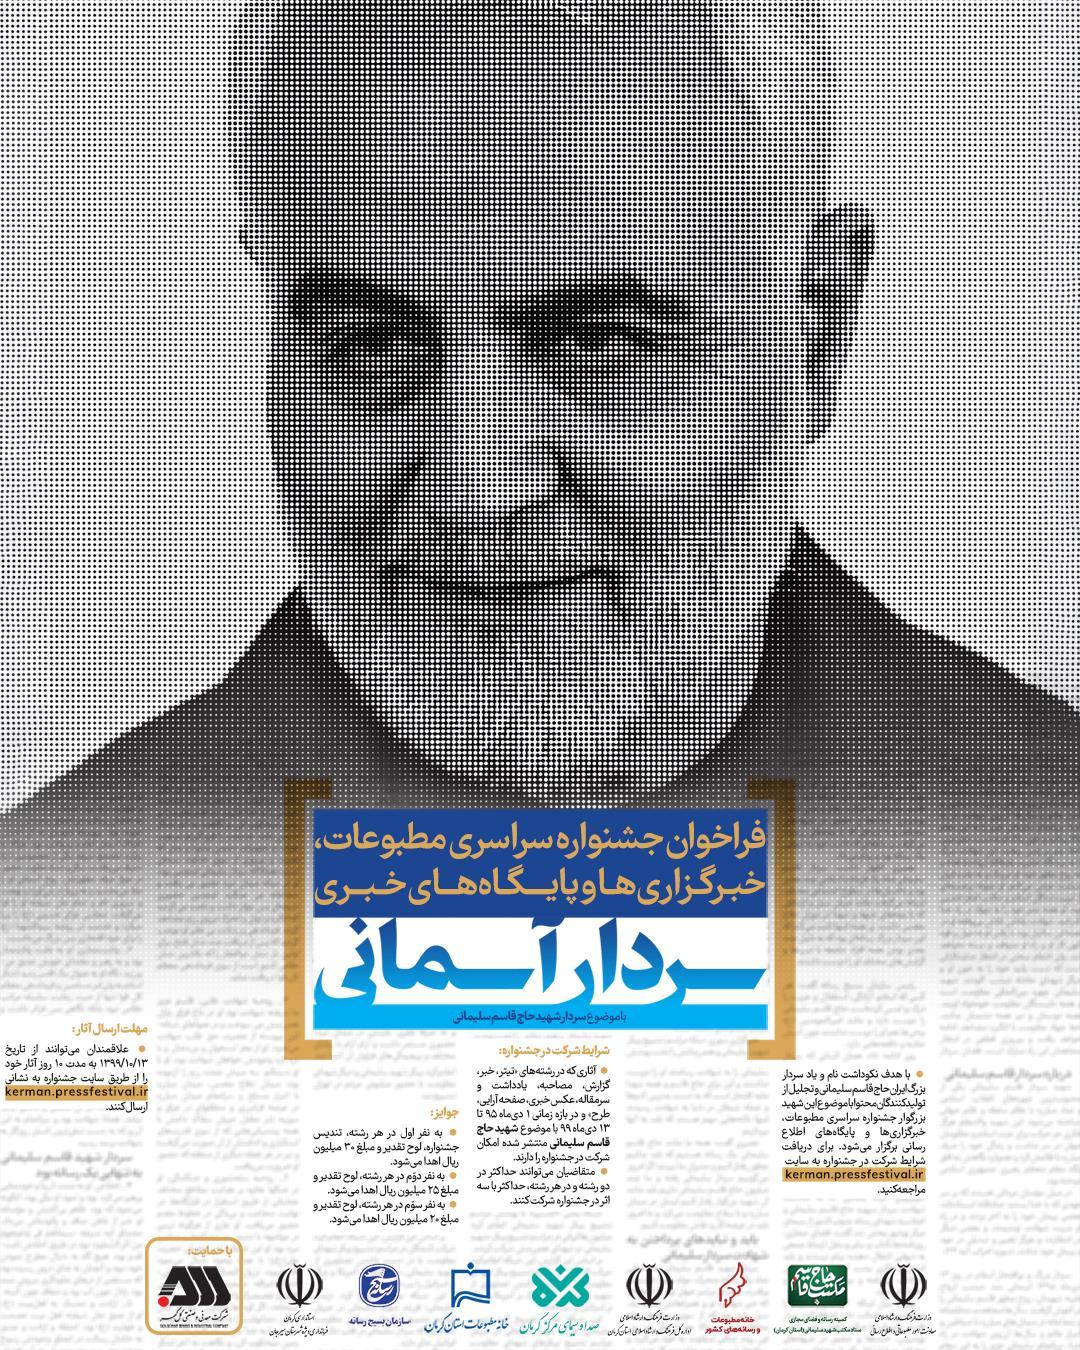 جشنواره مطبوعاتی «سردار آسمانی»